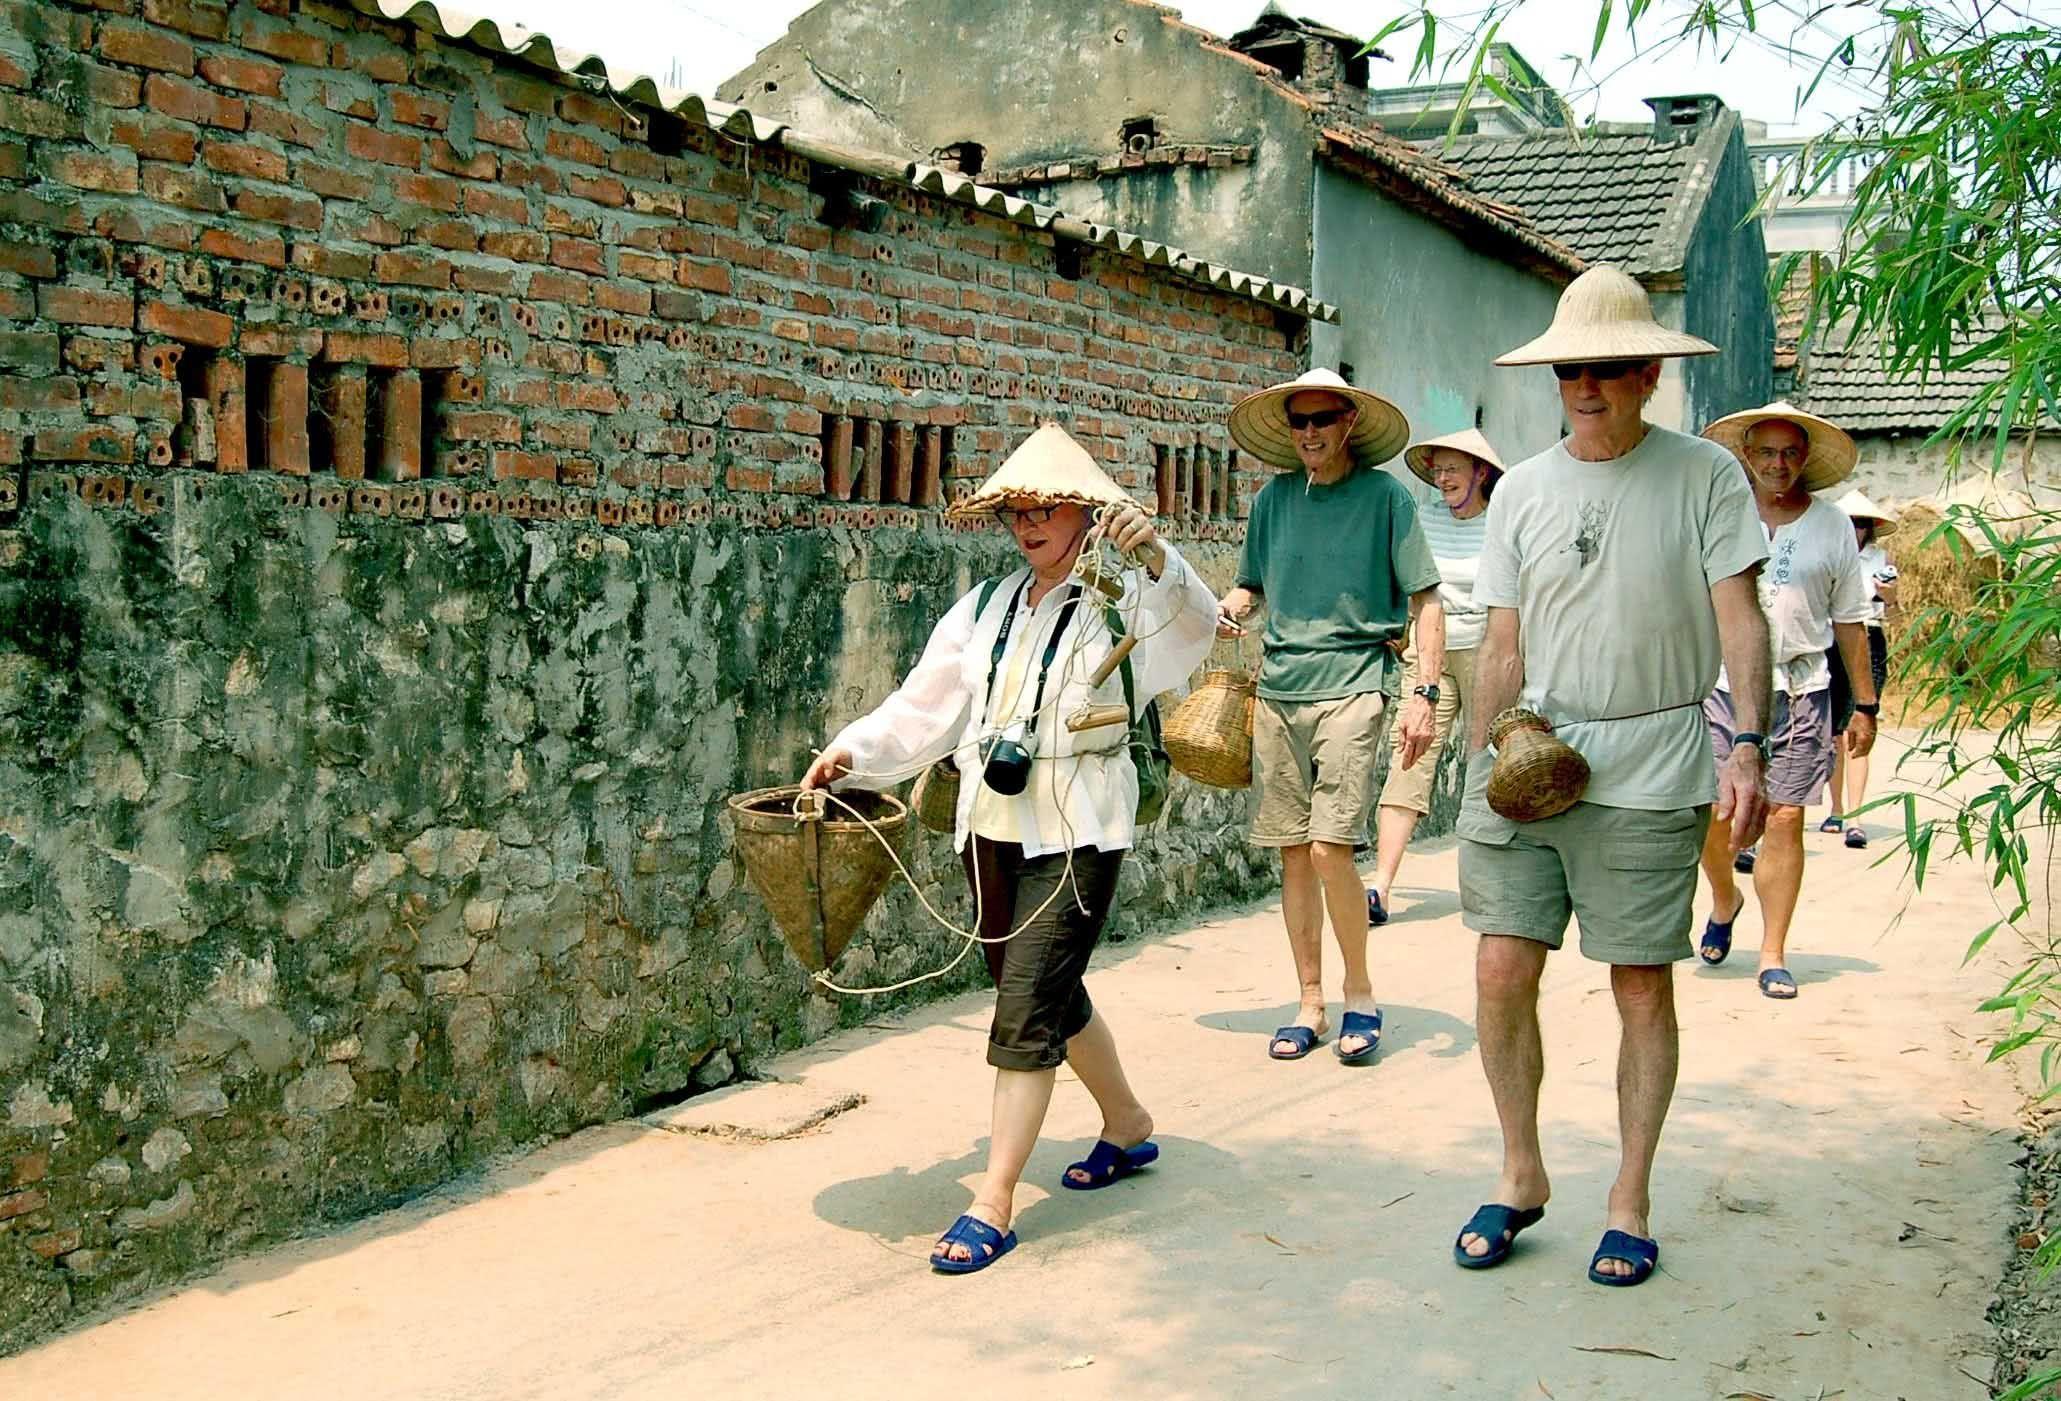 Du lịch làng. Hình: Sưu tầm